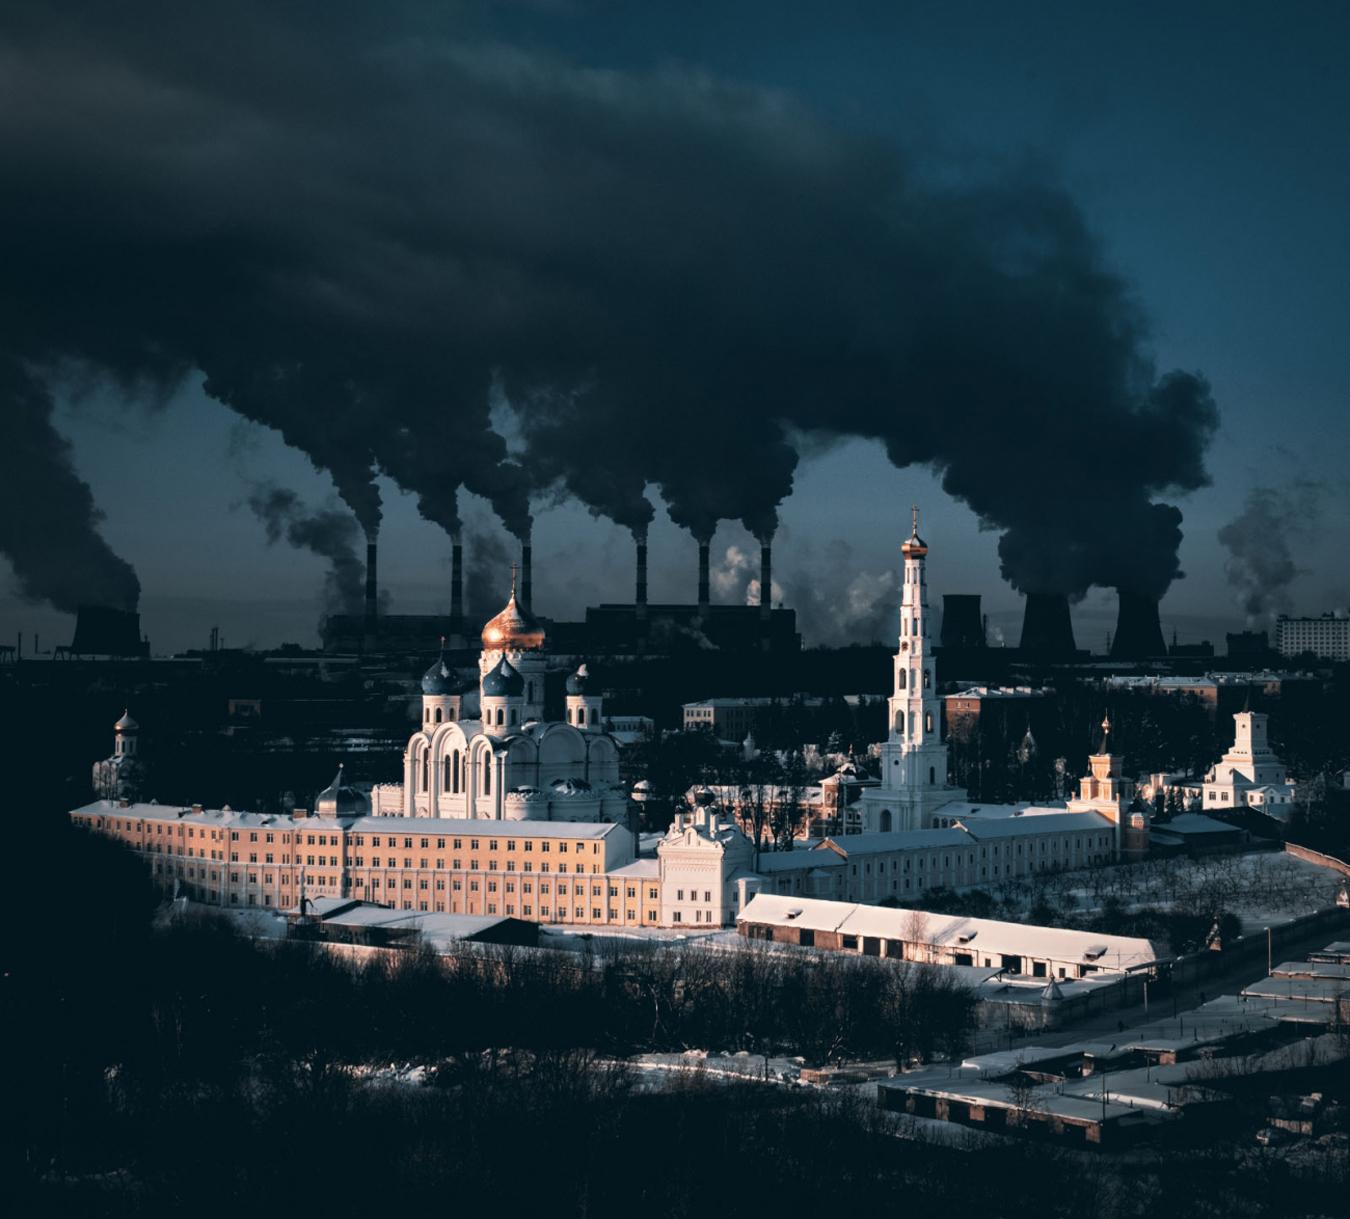 Fotos dron cambio climático